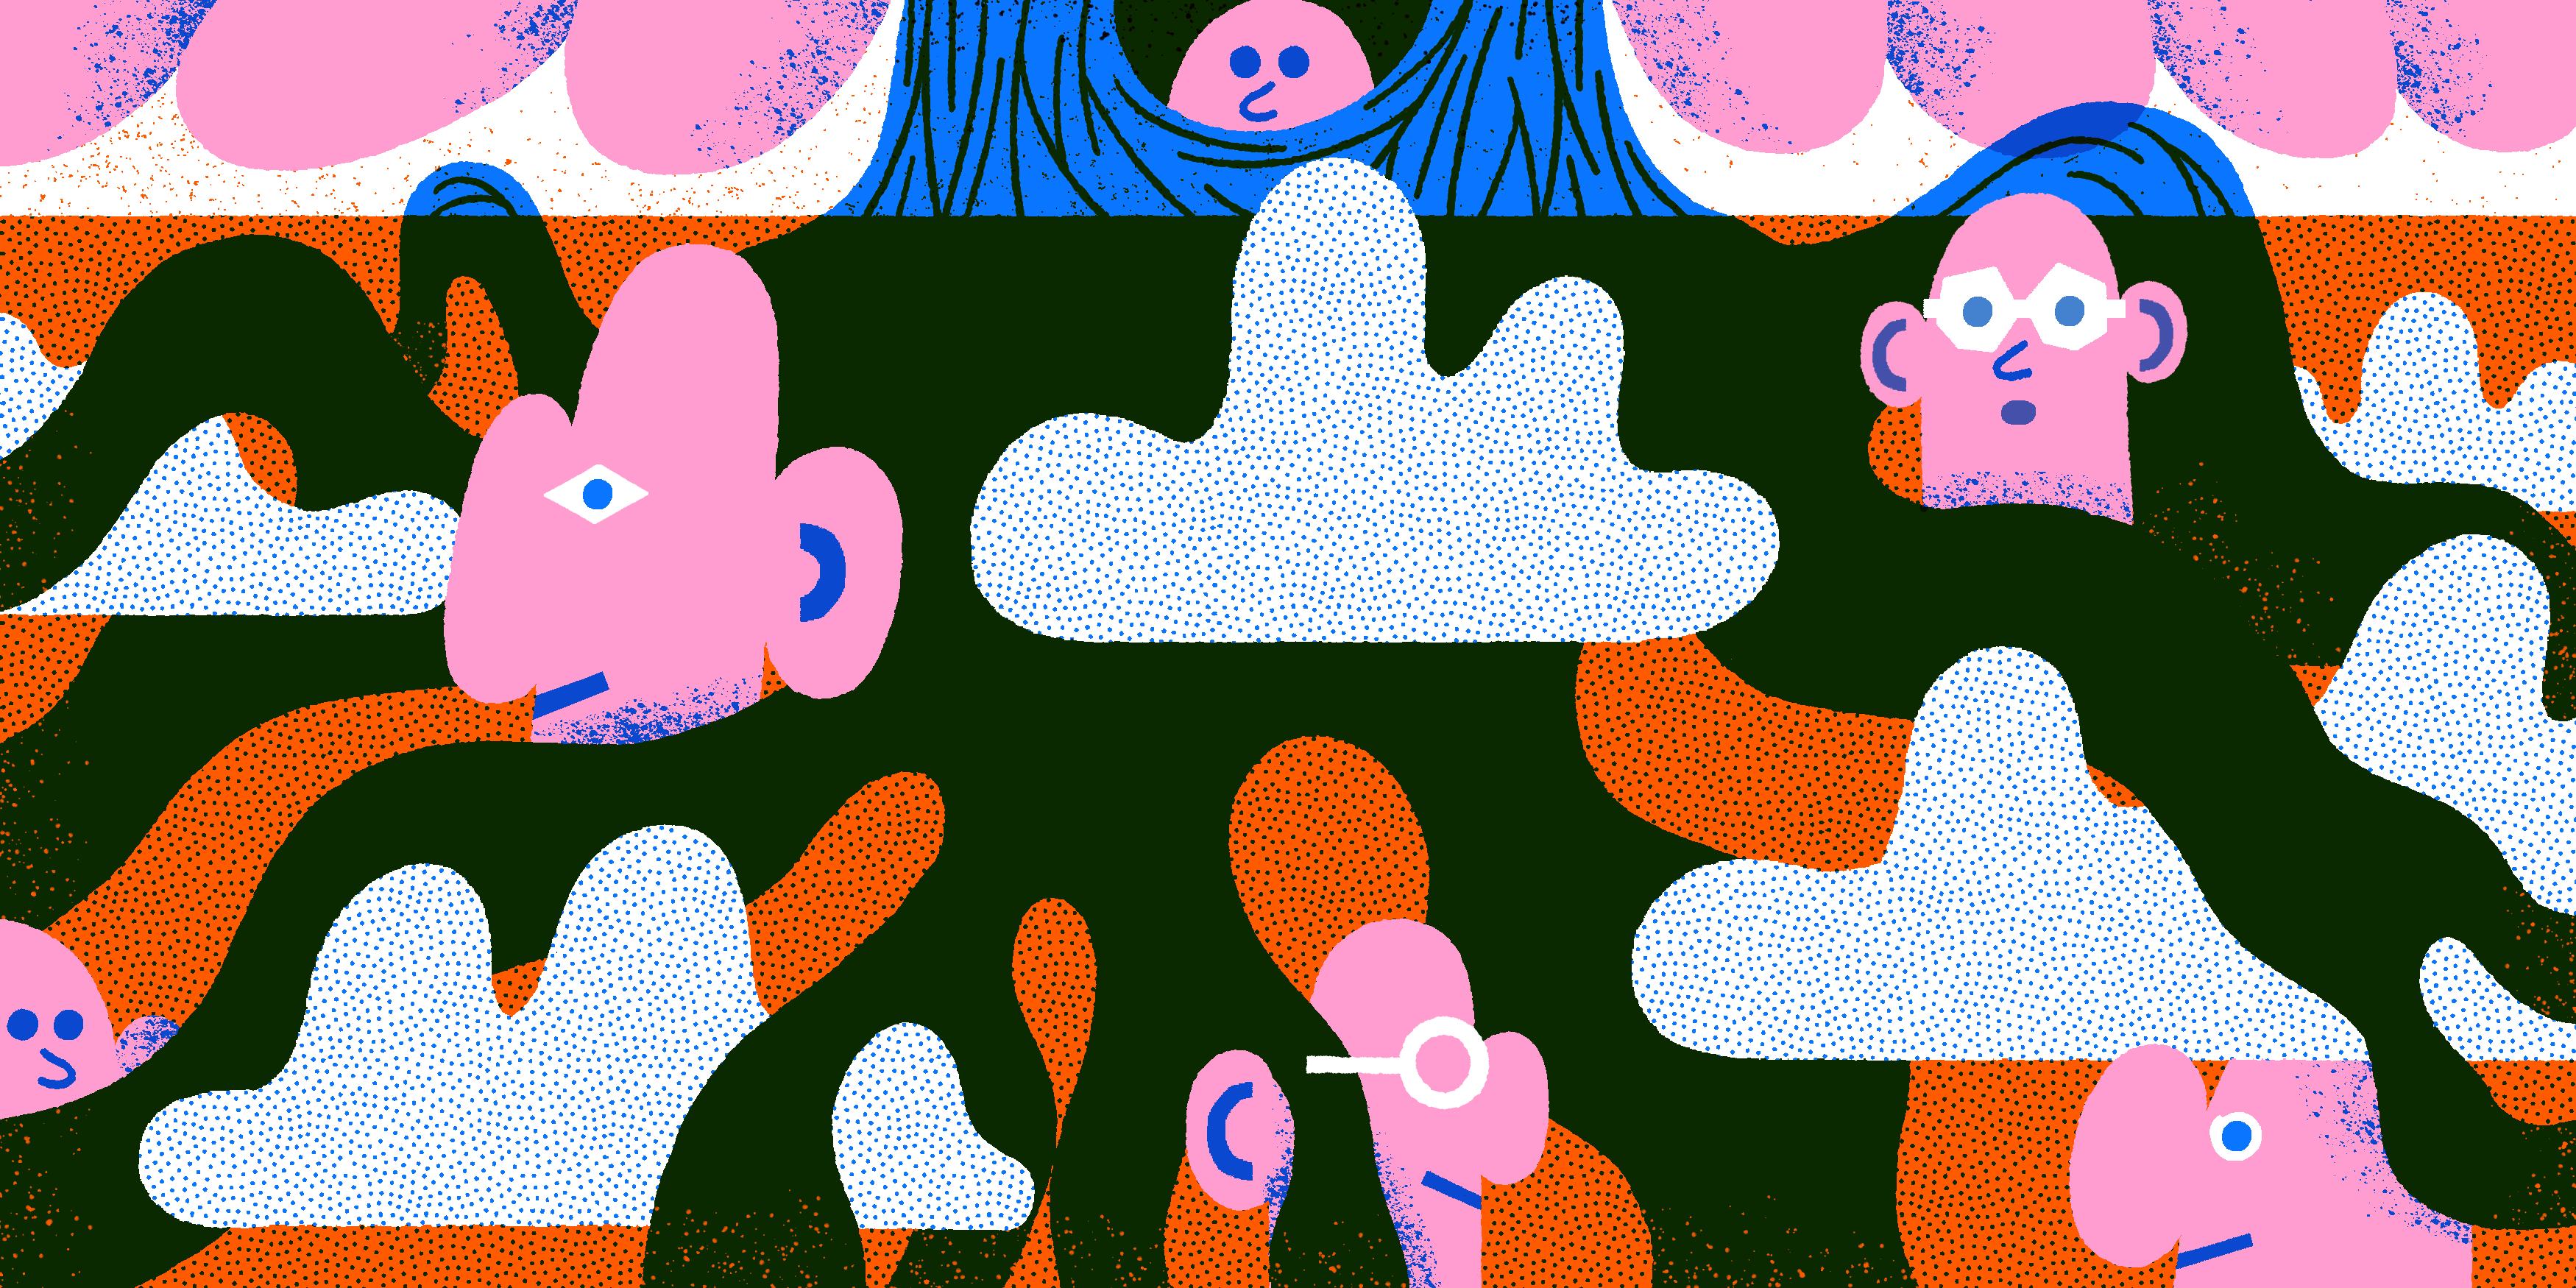 画像:みんなの・みんなで「Of Roots and Clouds」イメージ